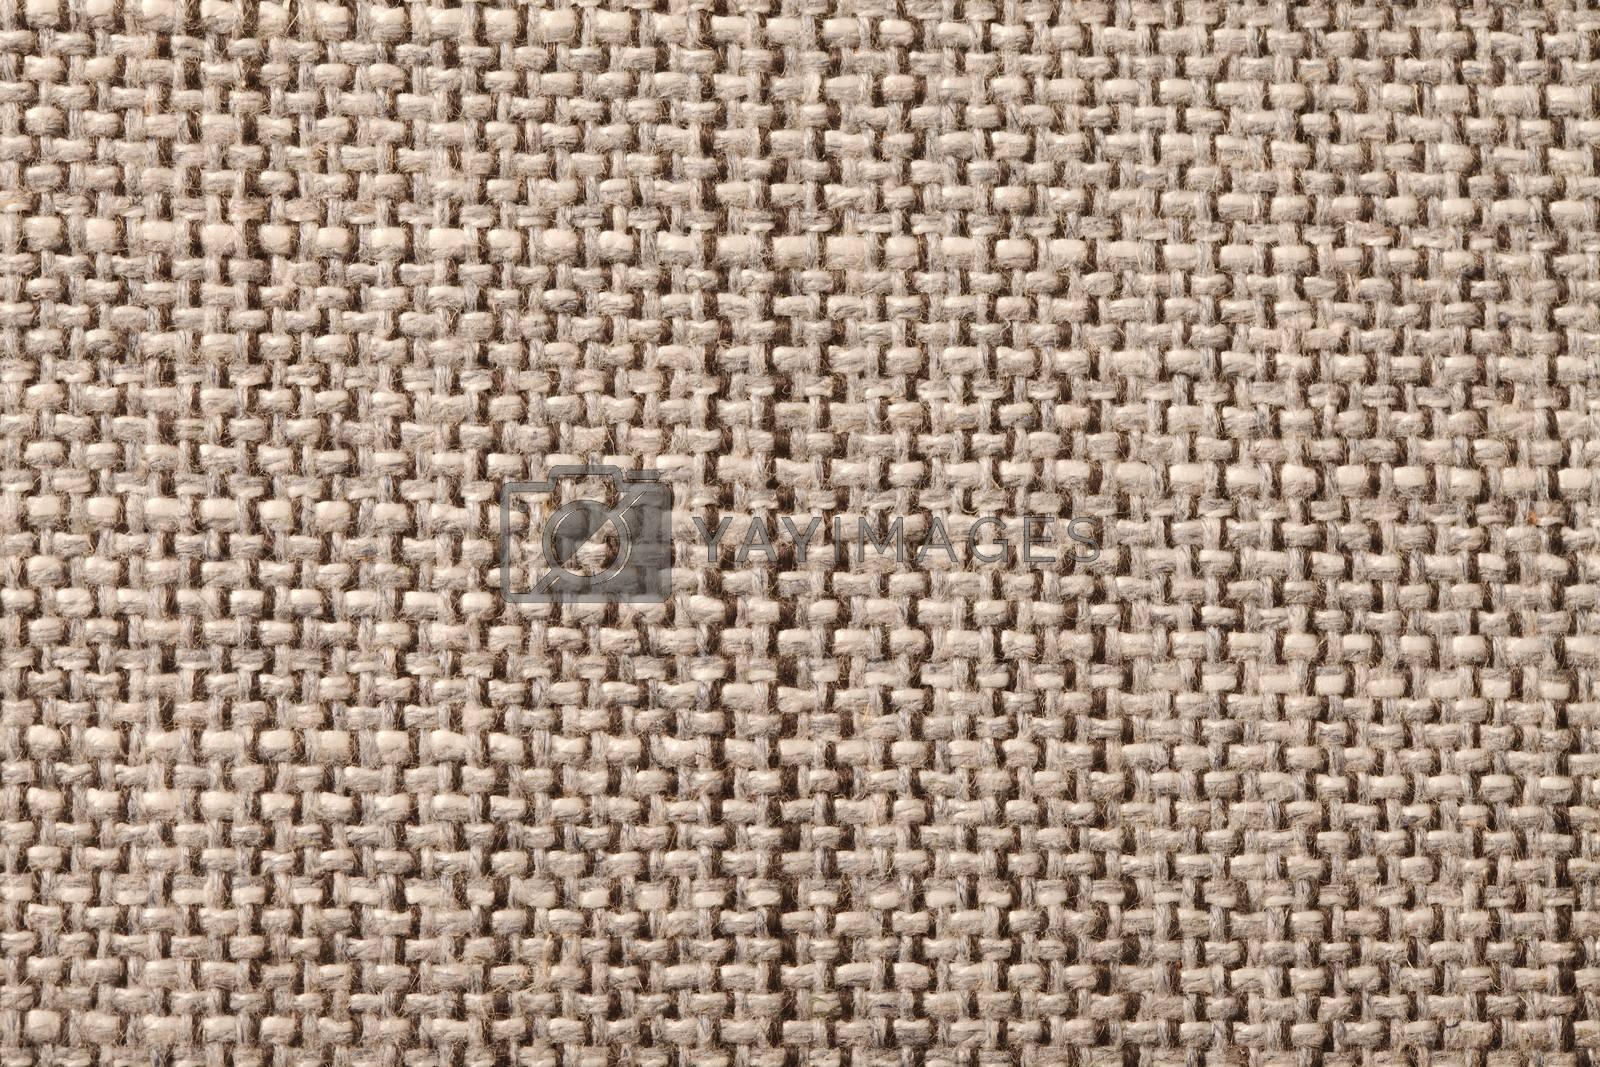 Rough textile texture close up